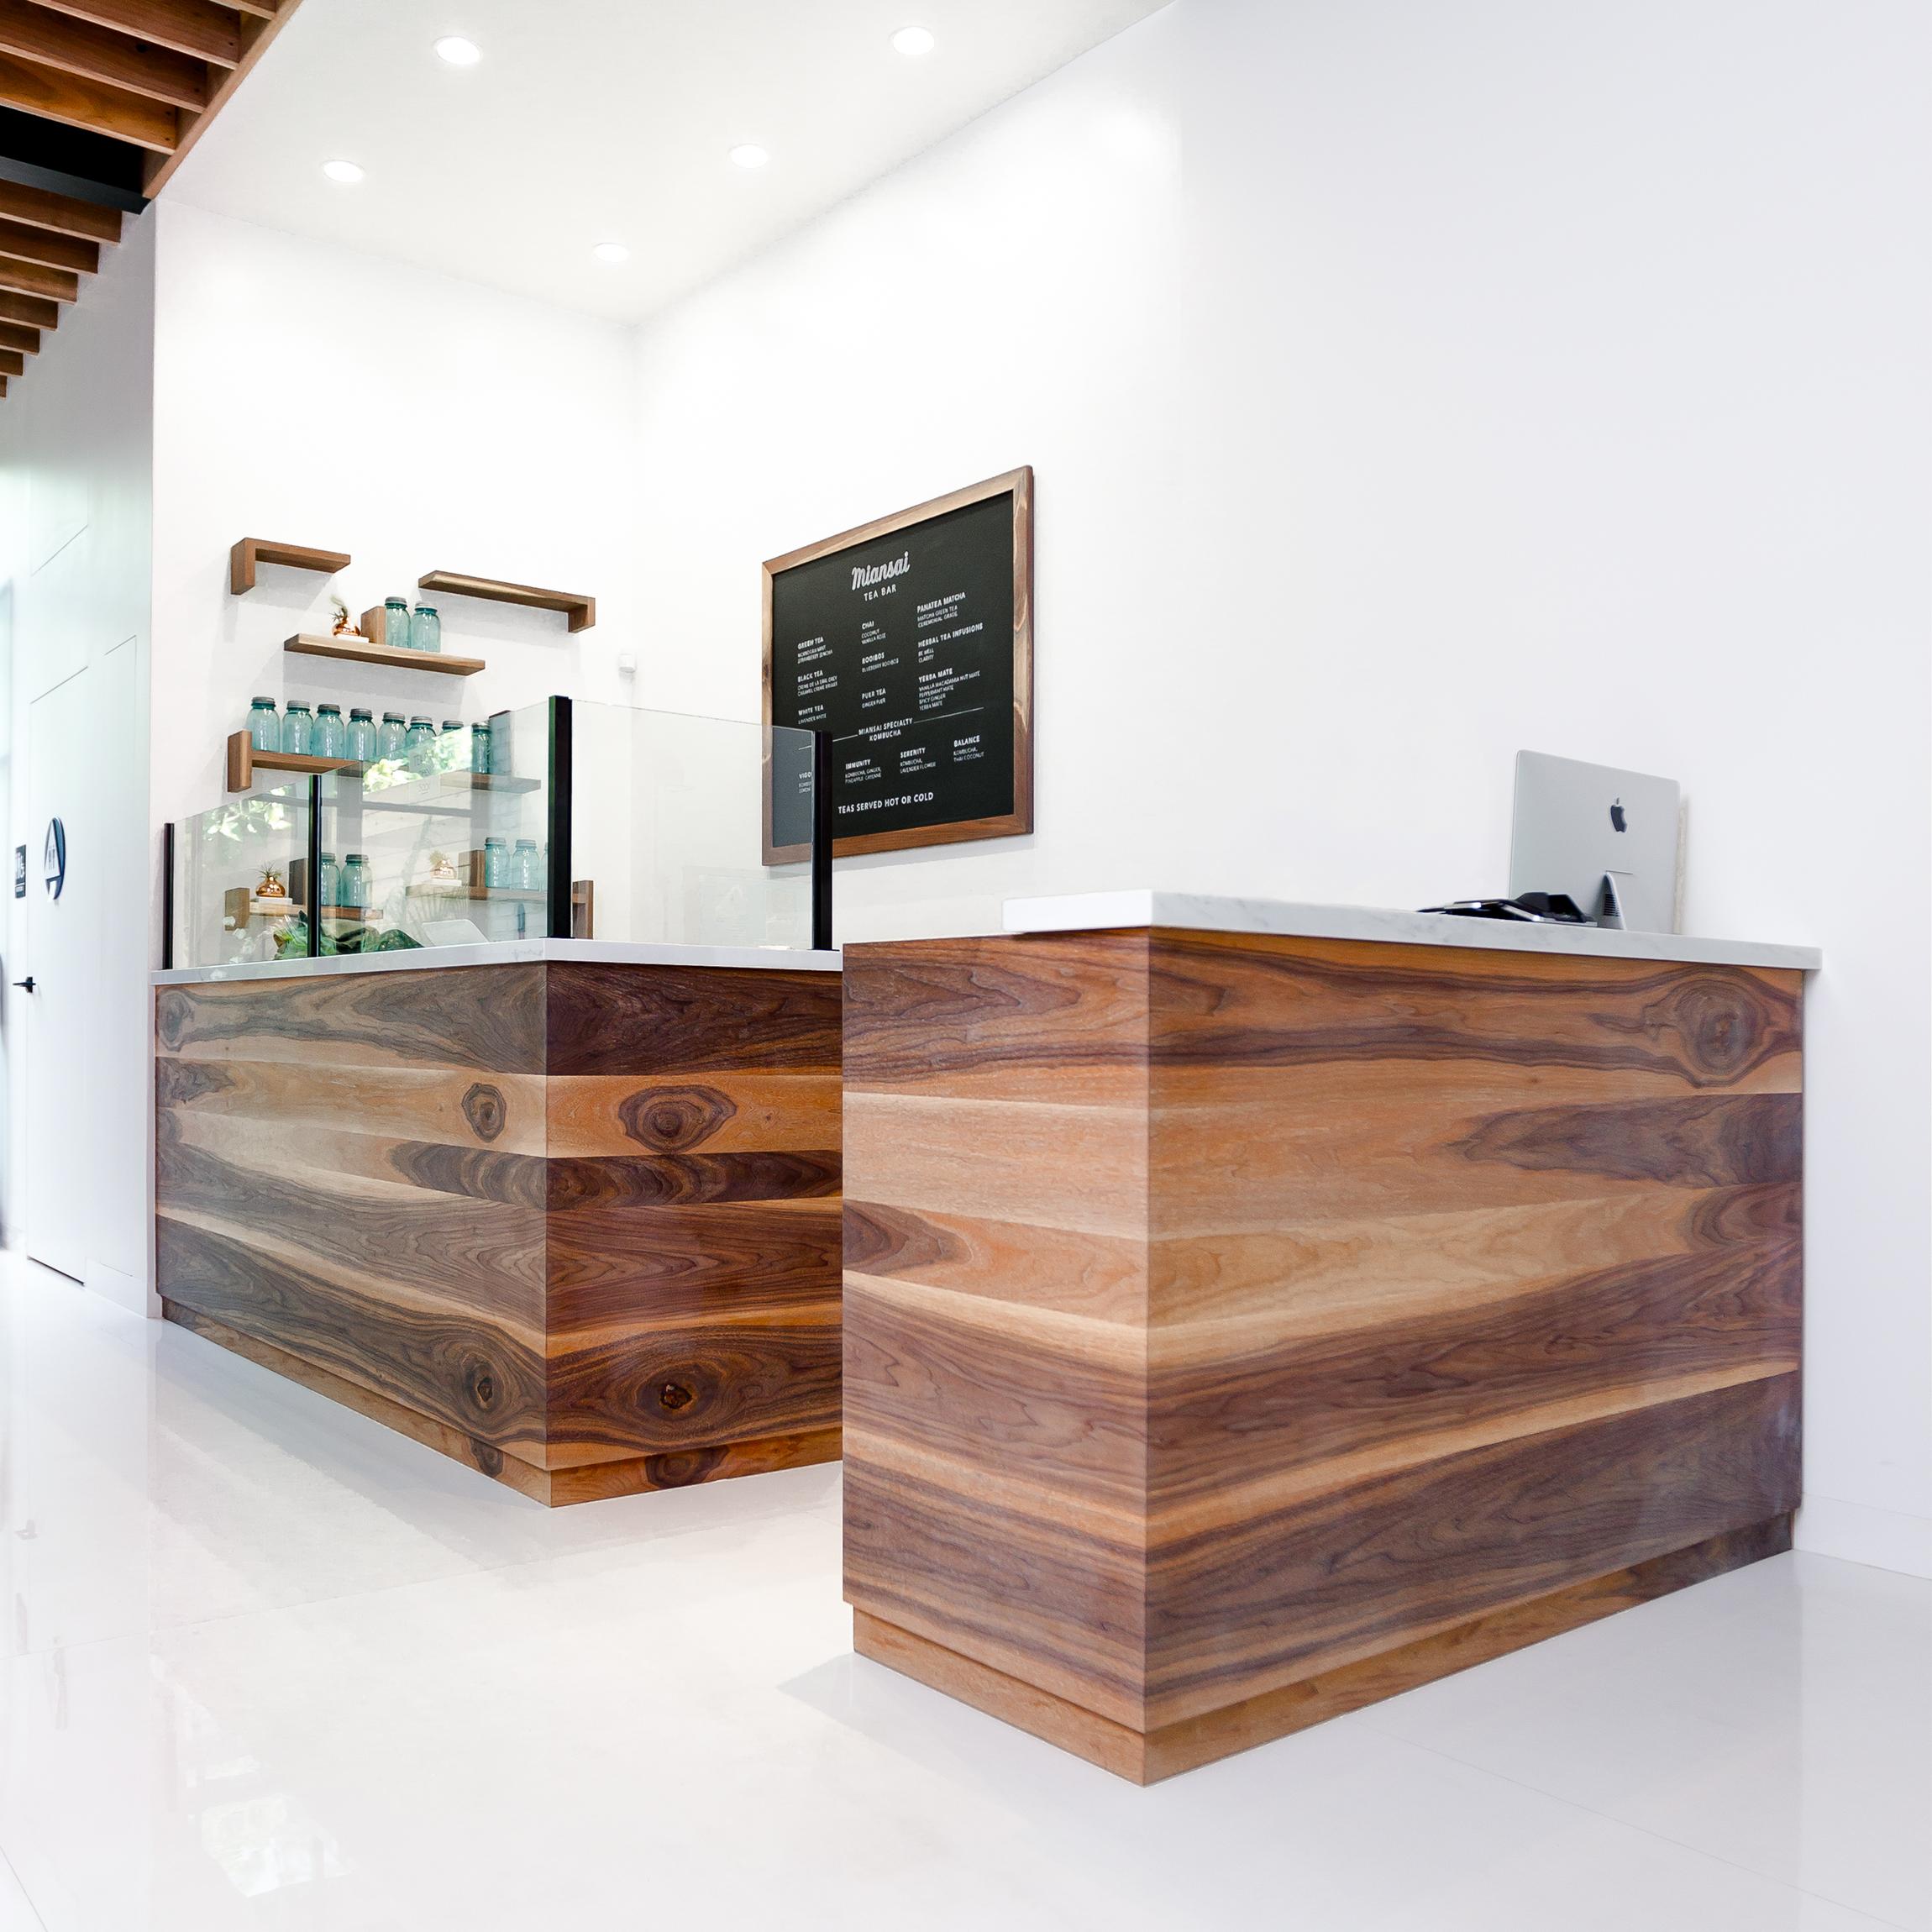 miansai-POS-tea-bar-design